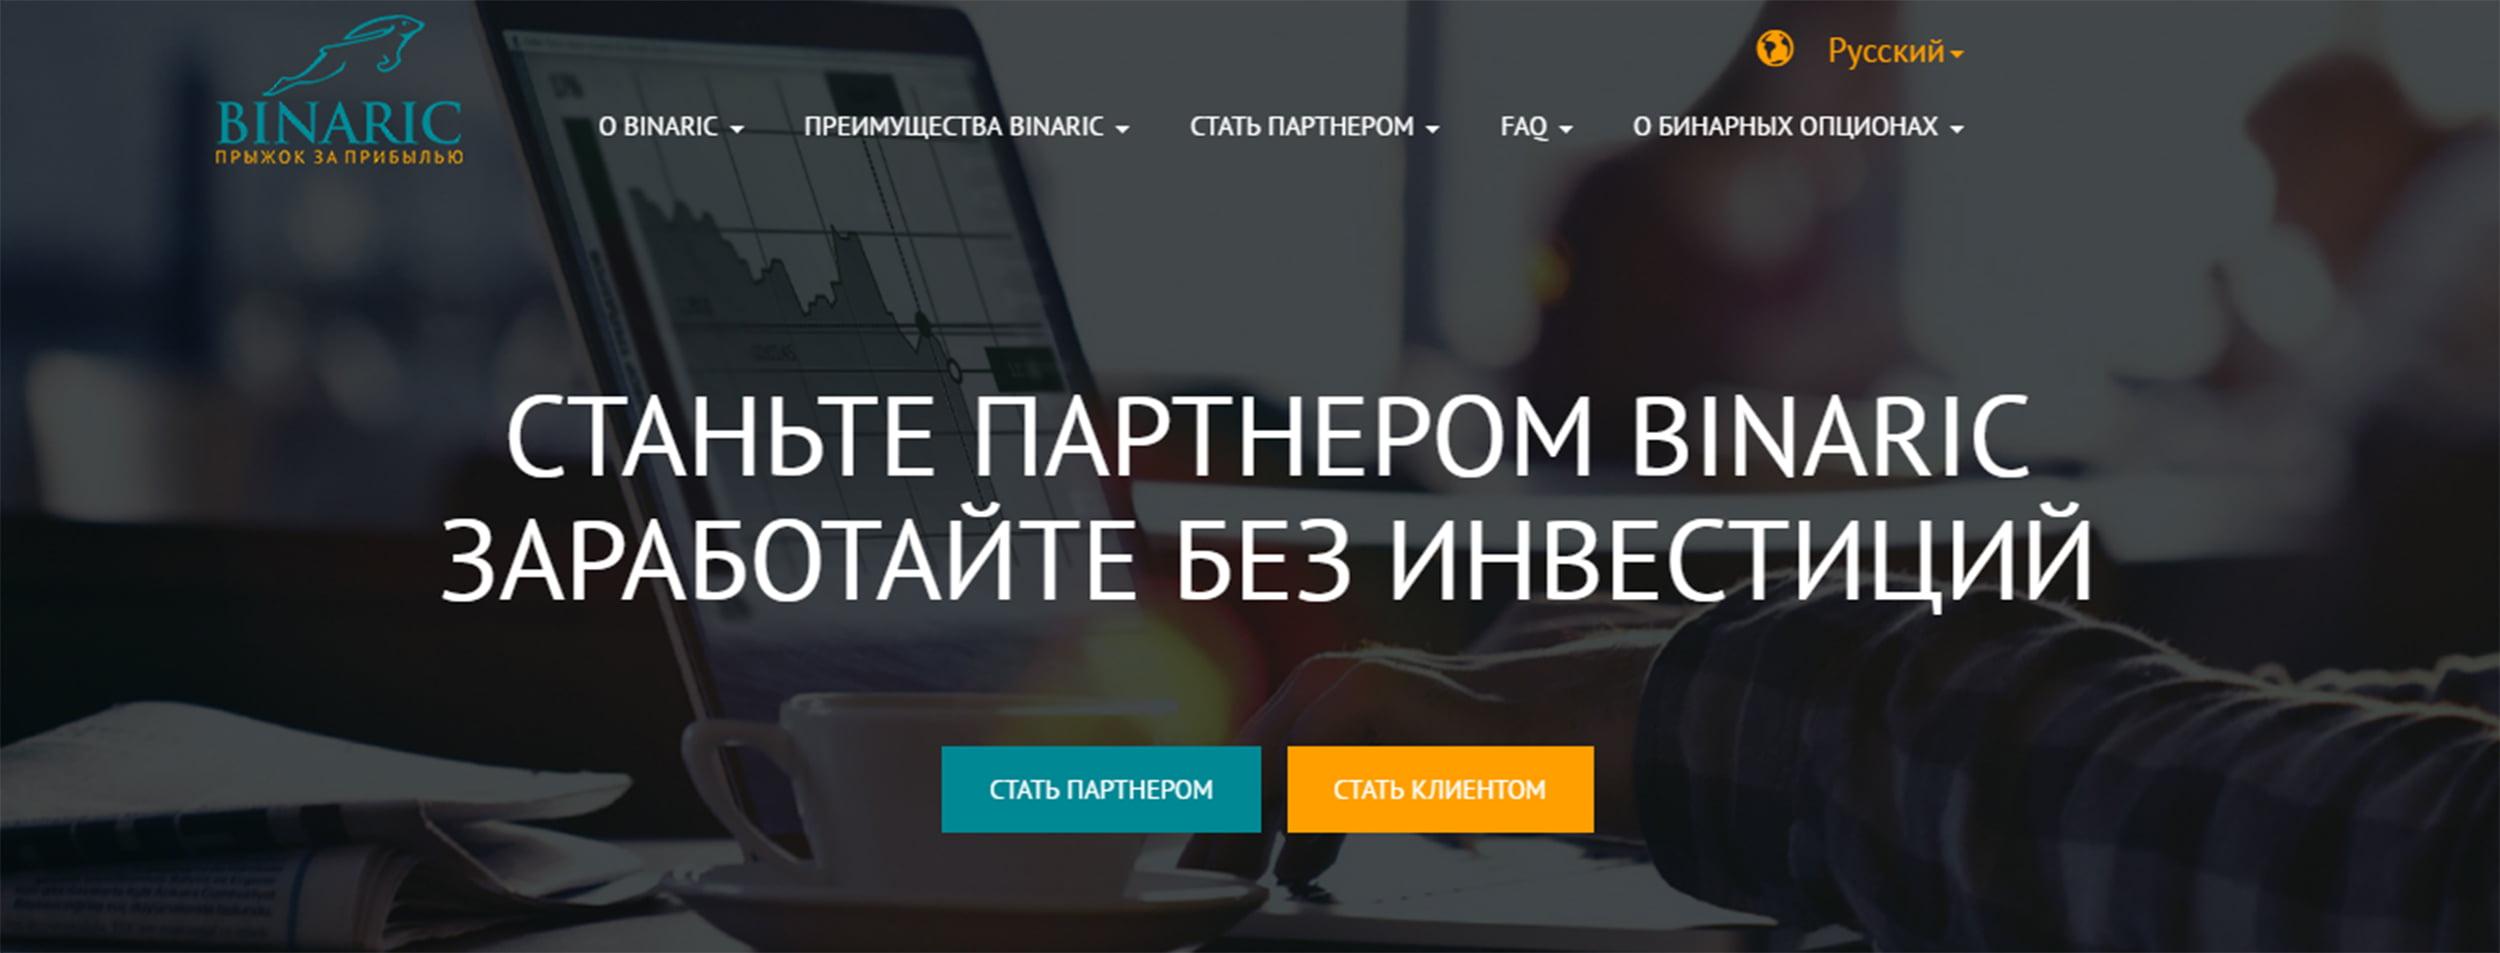 Обзор брокера Binaric.org. Развод или нет? Отзывы трейдеров